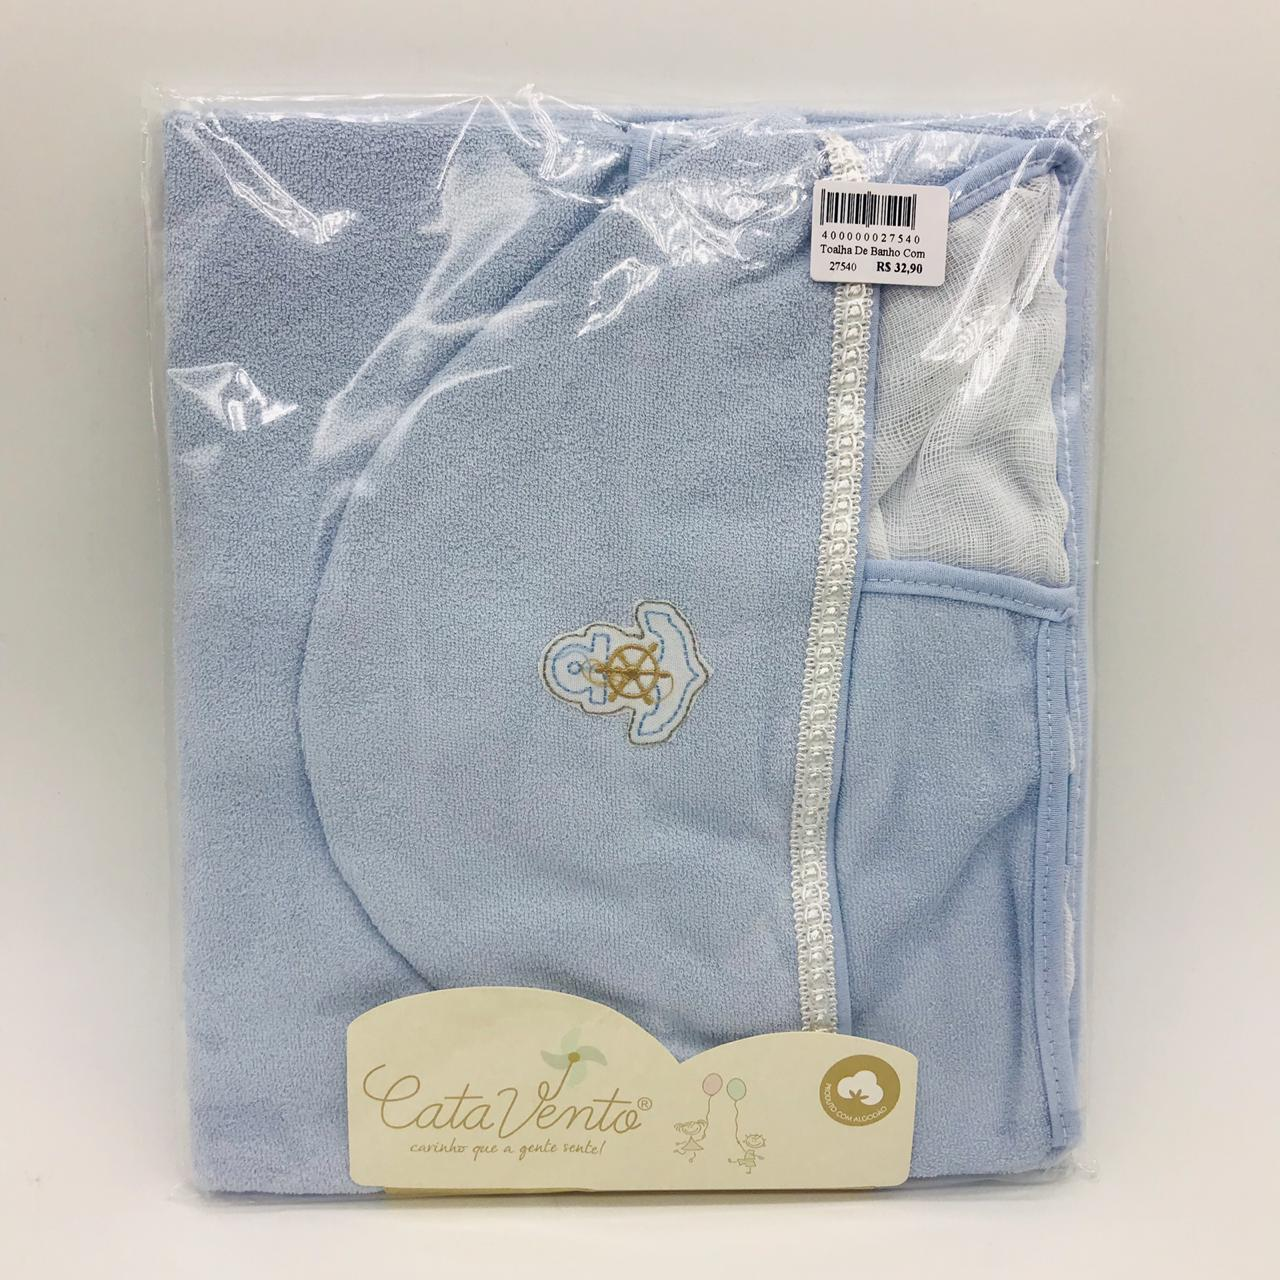 Toalha de Banho Com Fralda Azul Ancora - Catavento Ref 120